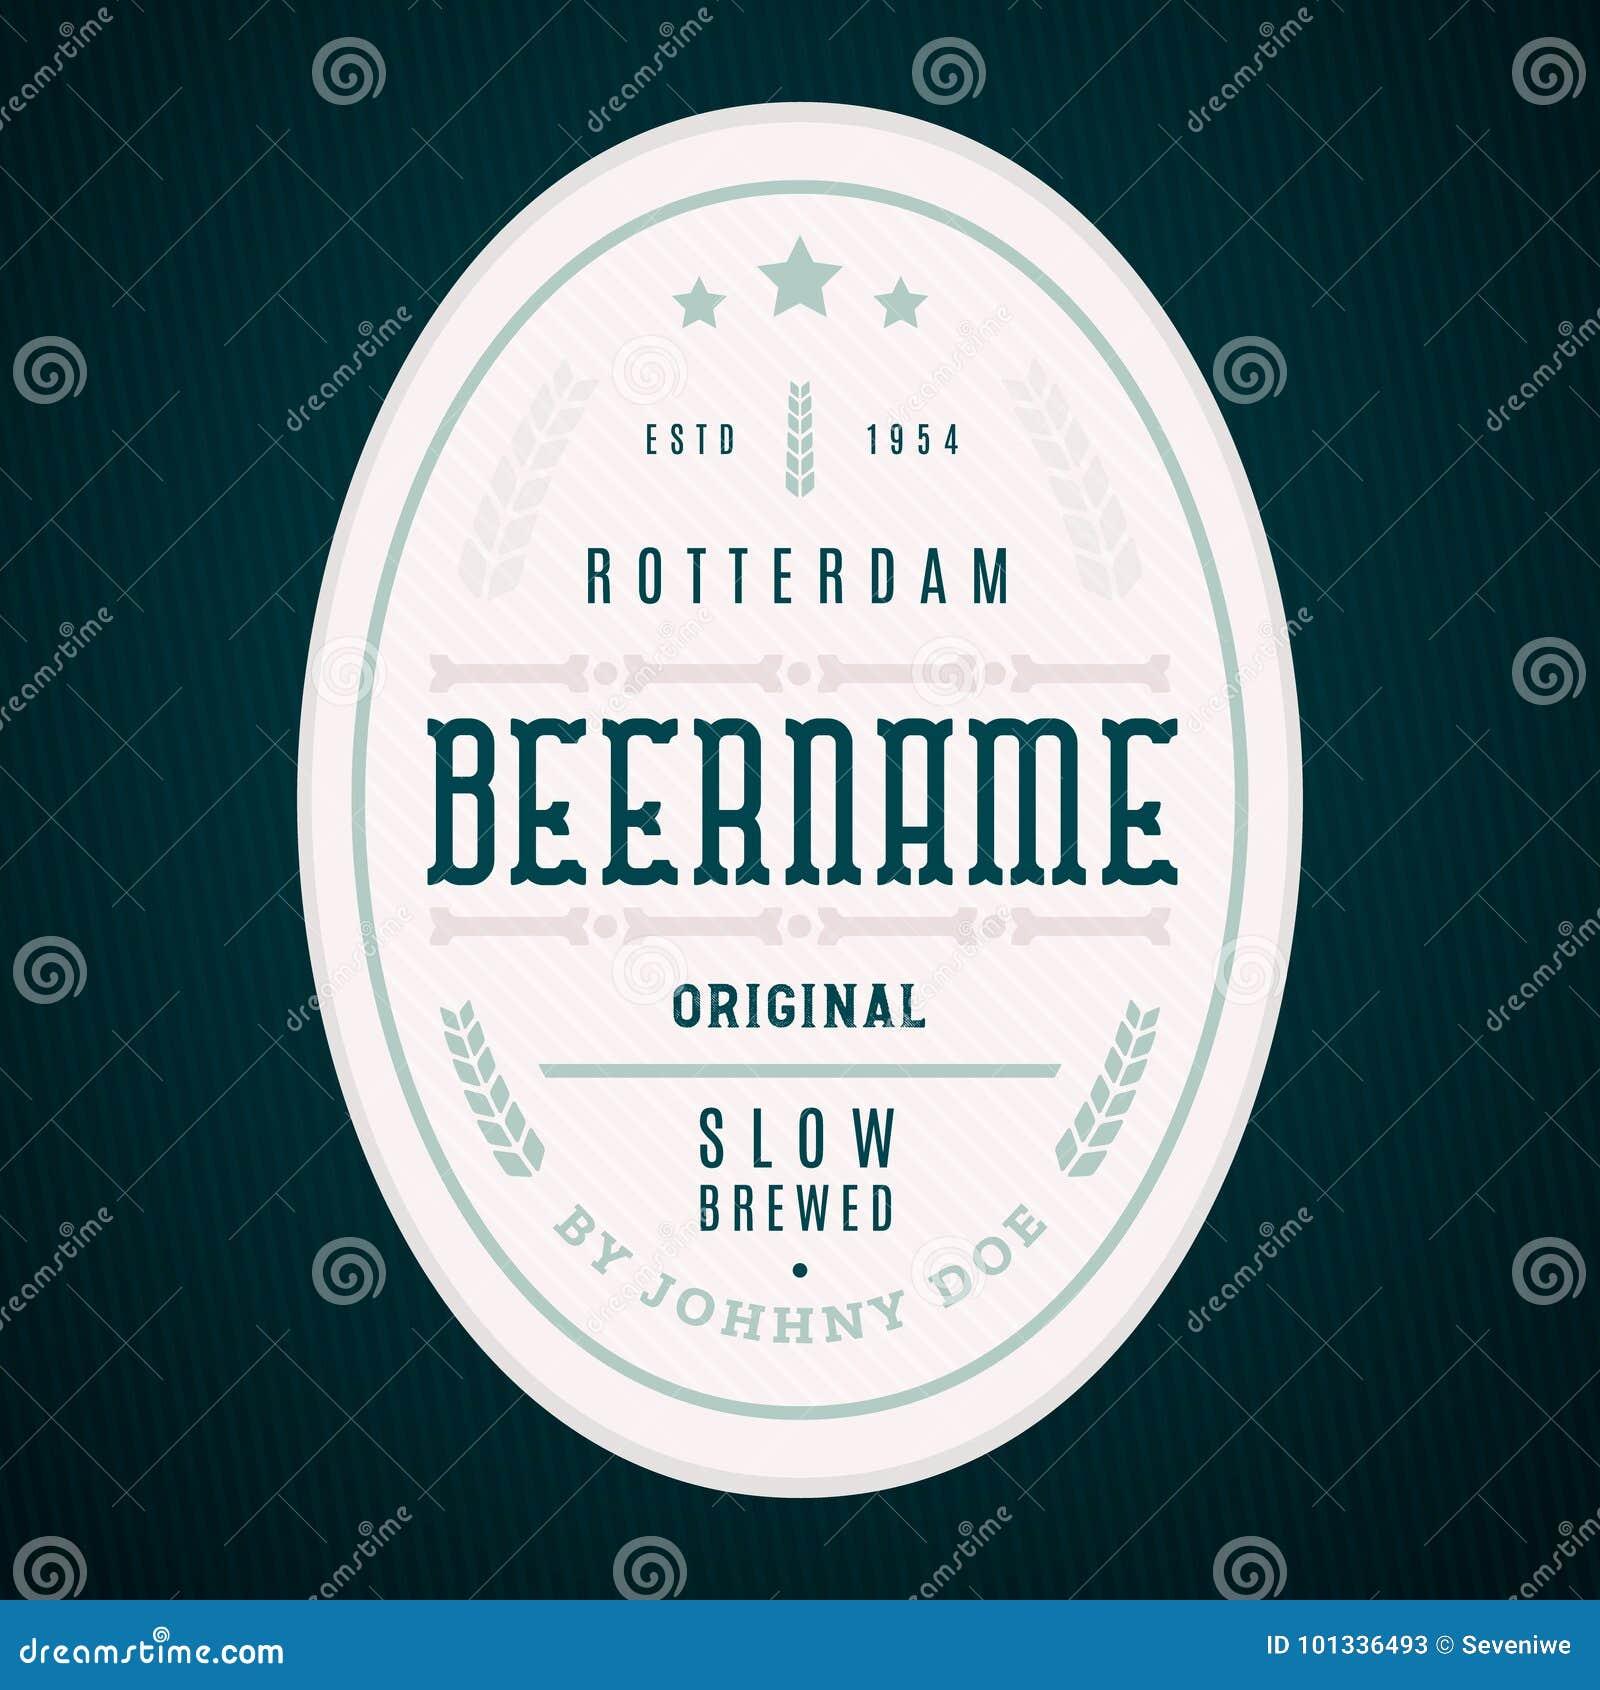 Craft Beer Label Template Modern Design